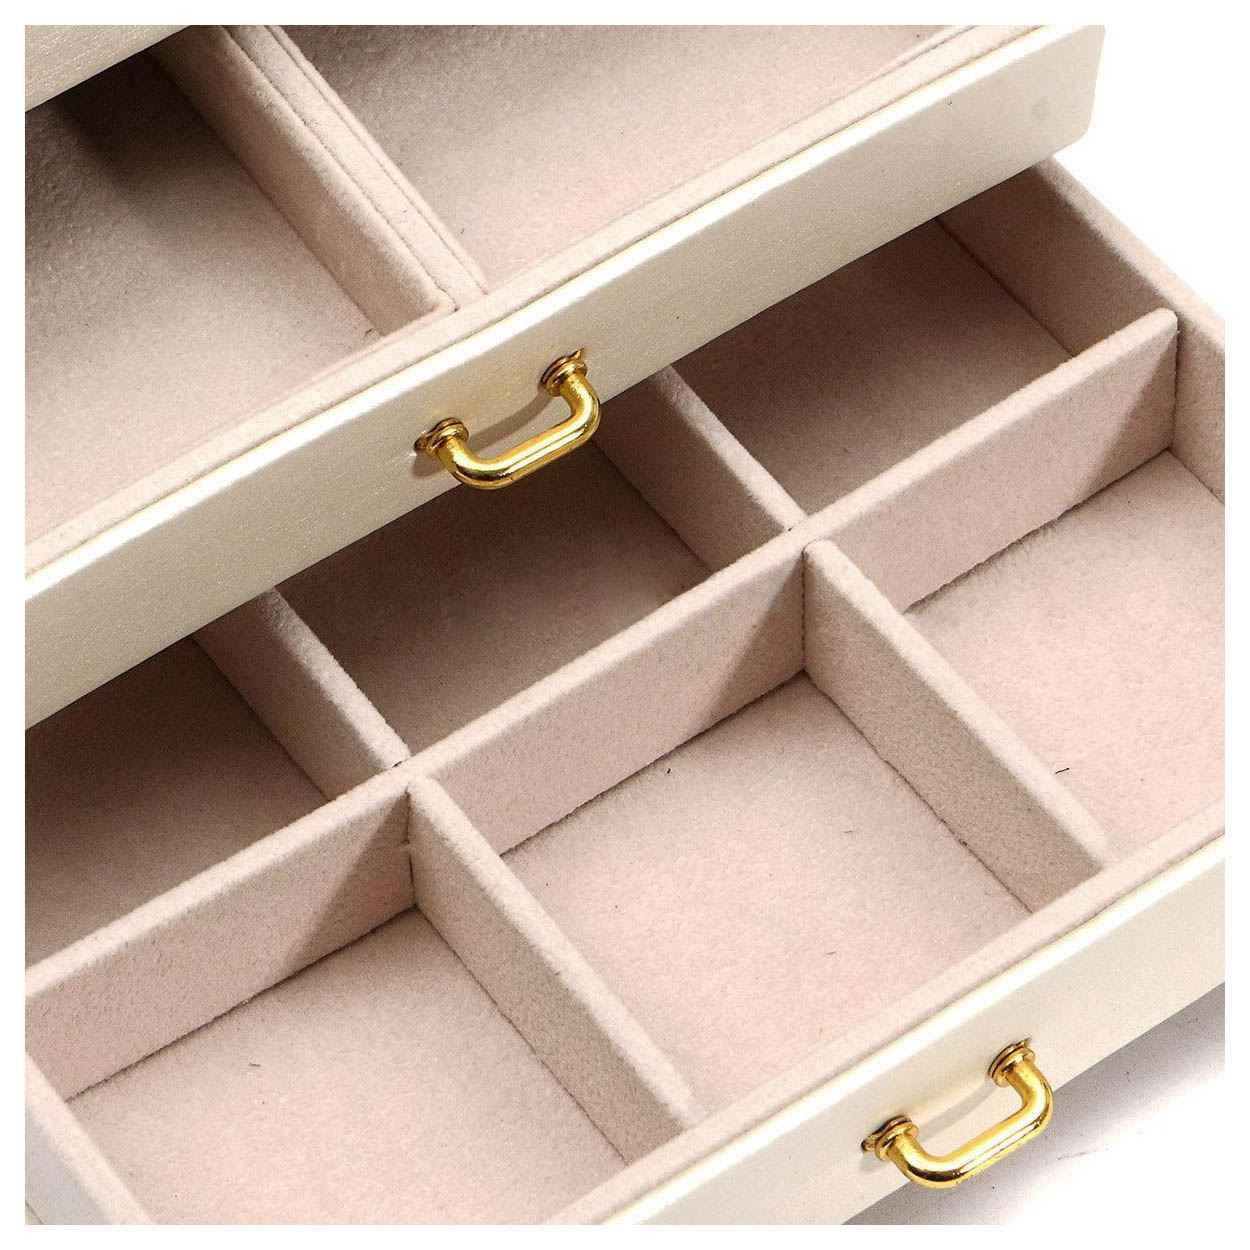 Grande Caixa de Jóias Embalagens & Display Armário Curativo No Peito com Fechos Pulseira Anel Organizador Estojos